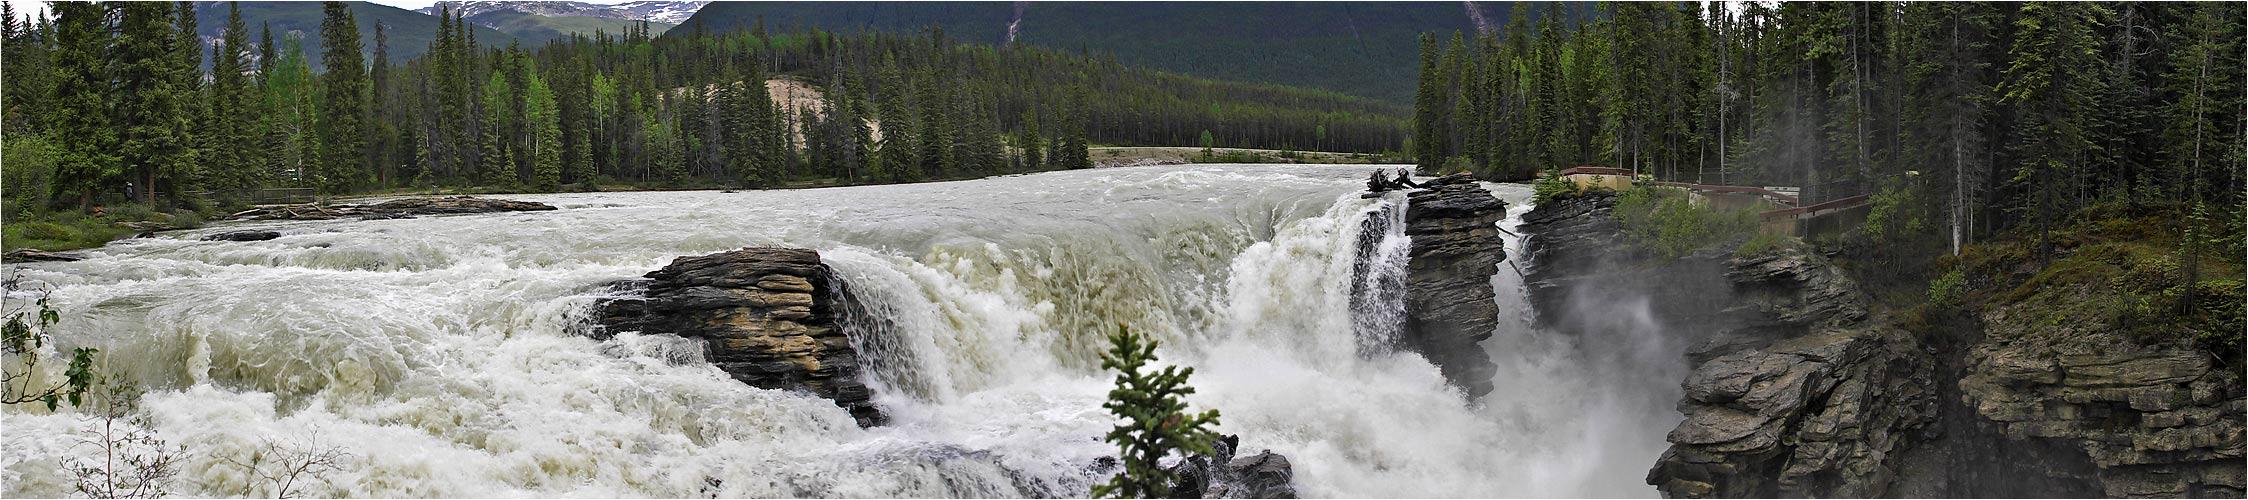 [ athabasca falls ]